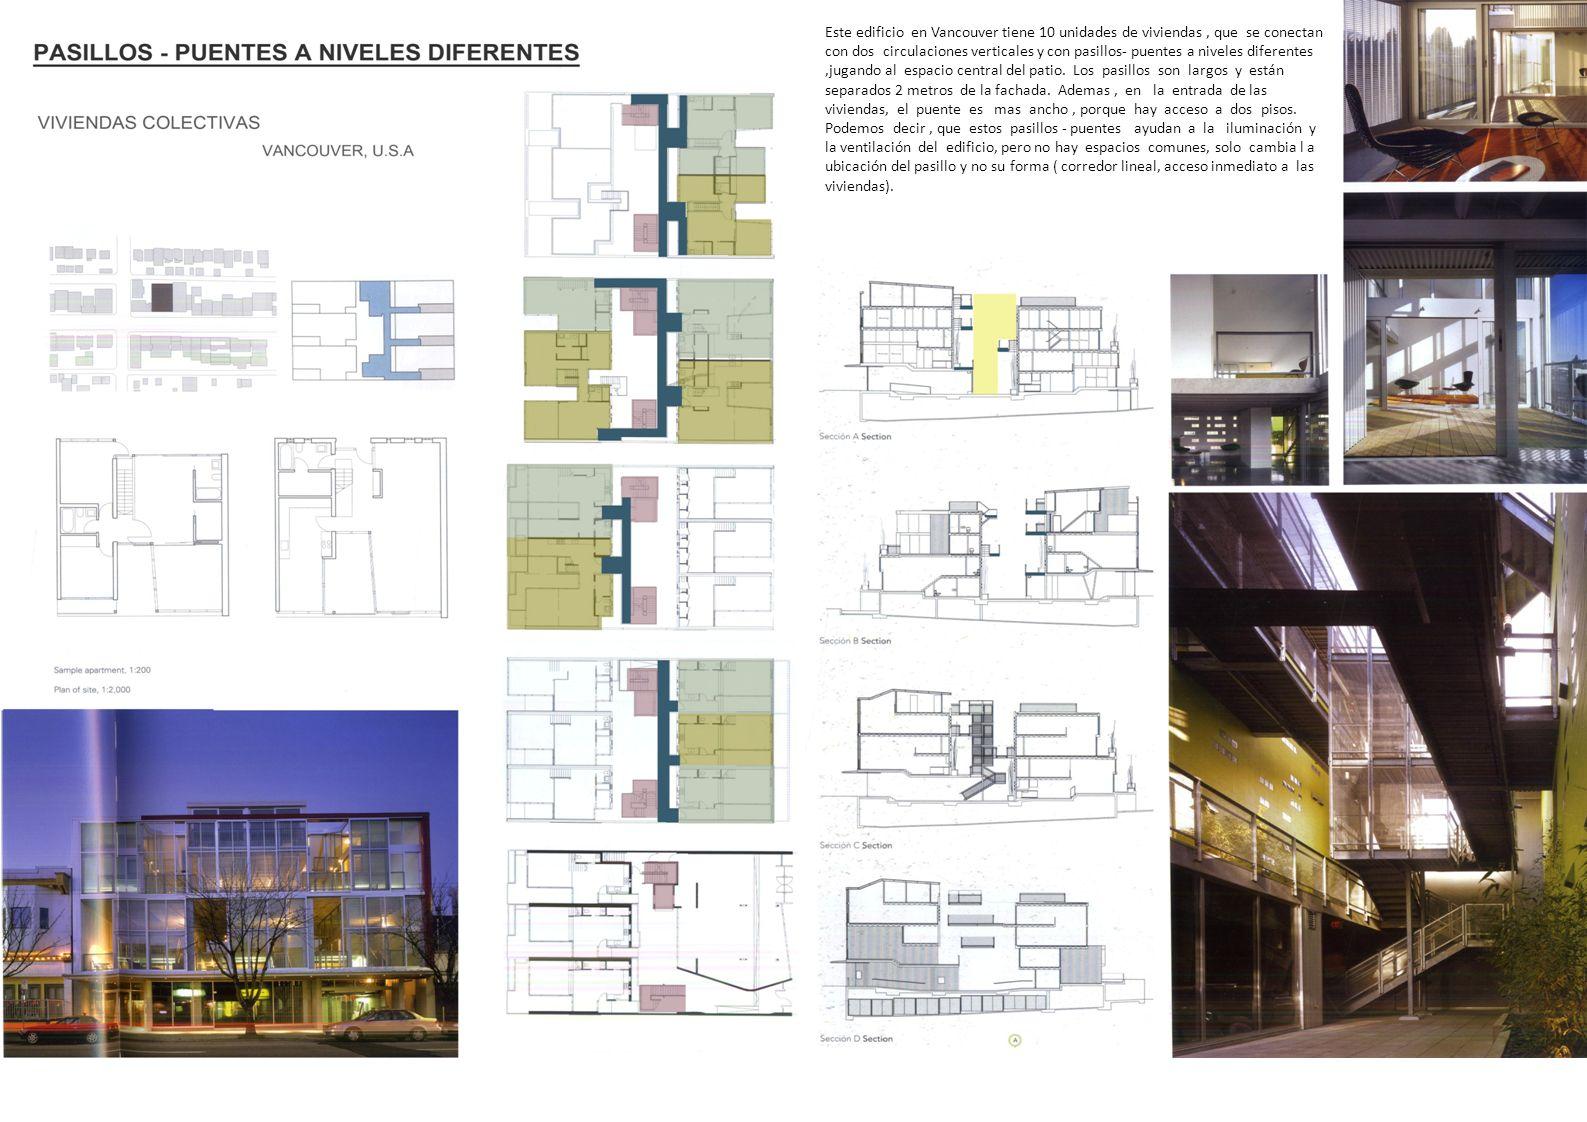 El programa se repartió en tres edificios que albergan 6 viviendas cada uno.